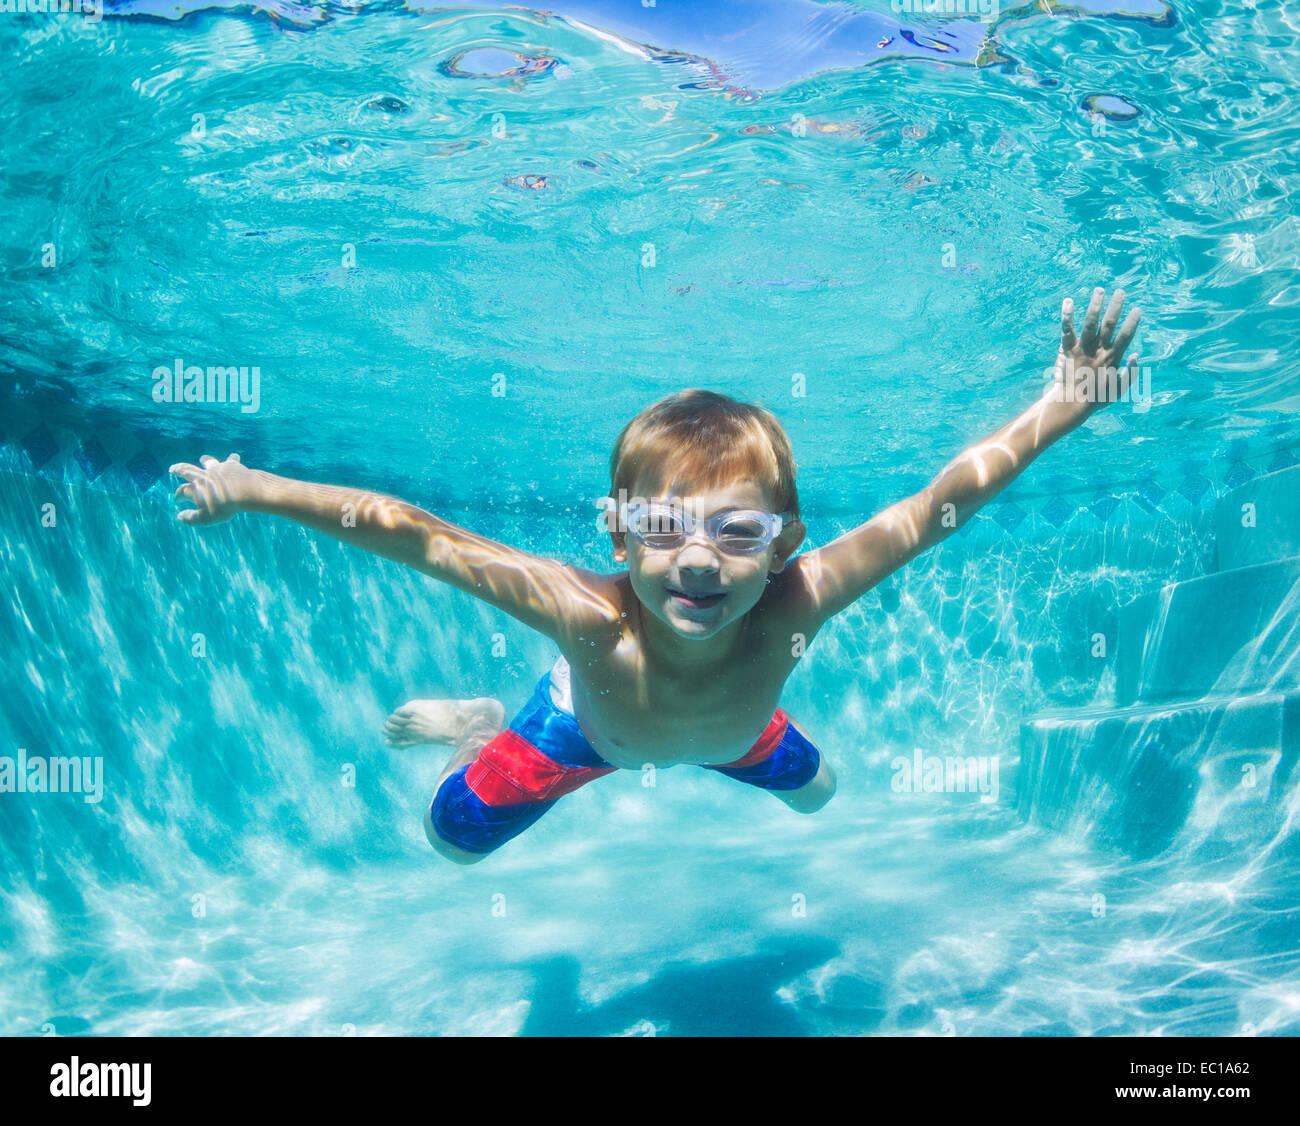 Underwater giovane ragazzo divertente in piscina con gli occhiali. La vacanza estiva di divertimento. Foto Stock